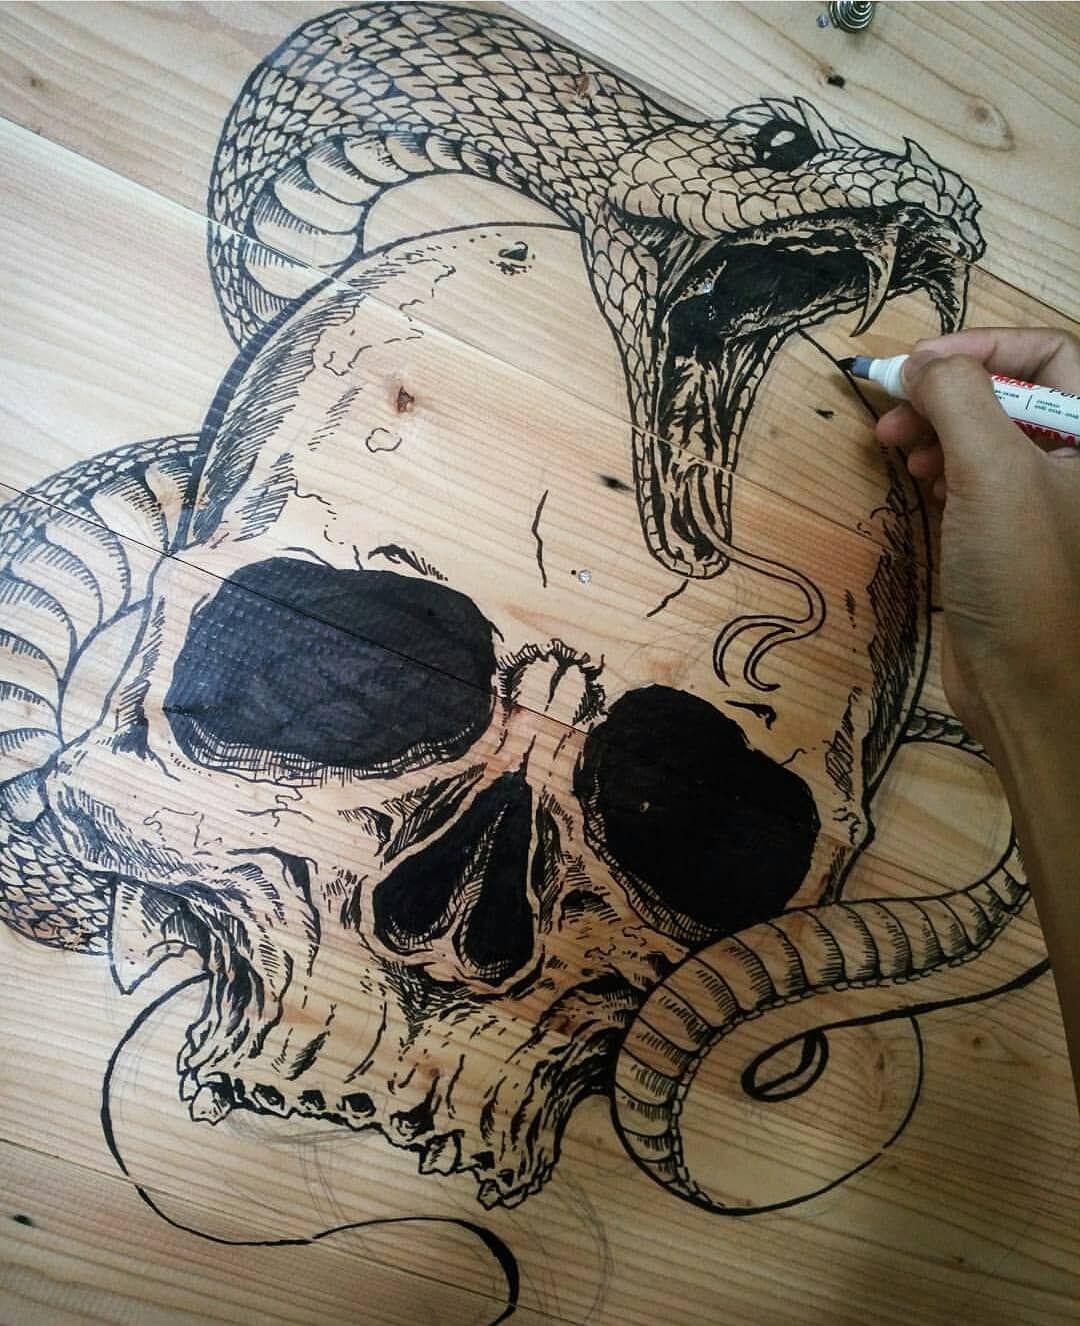 картинки змей карандашом в черепе нашему рецепту сможете